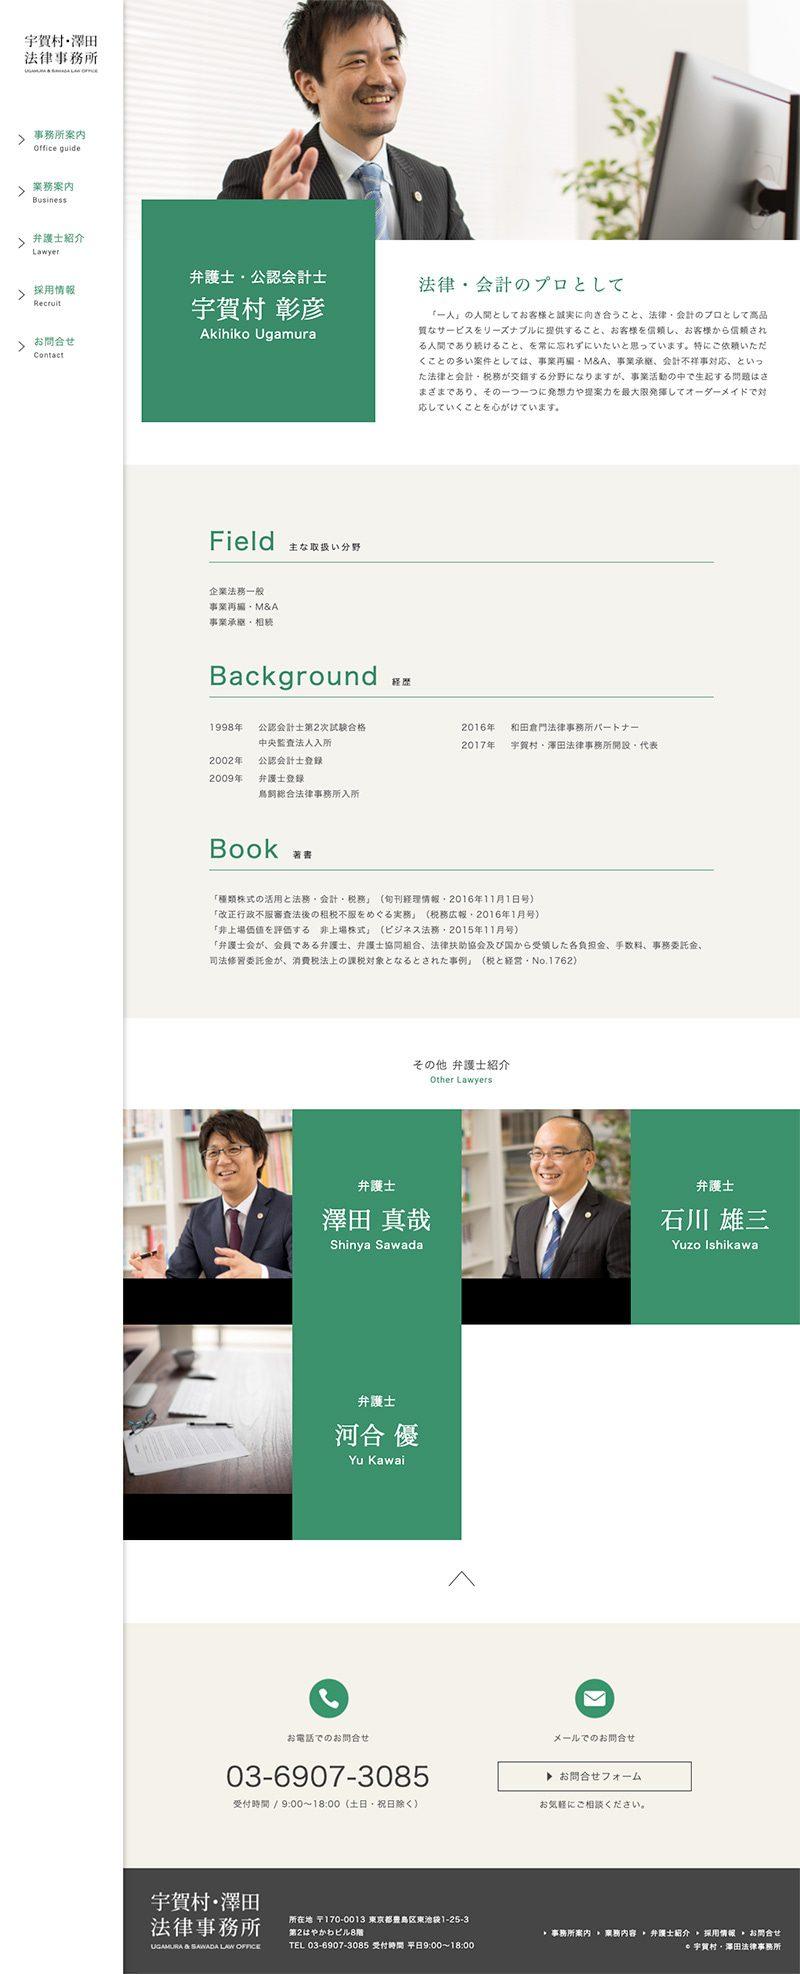 弁護士紹介ページ